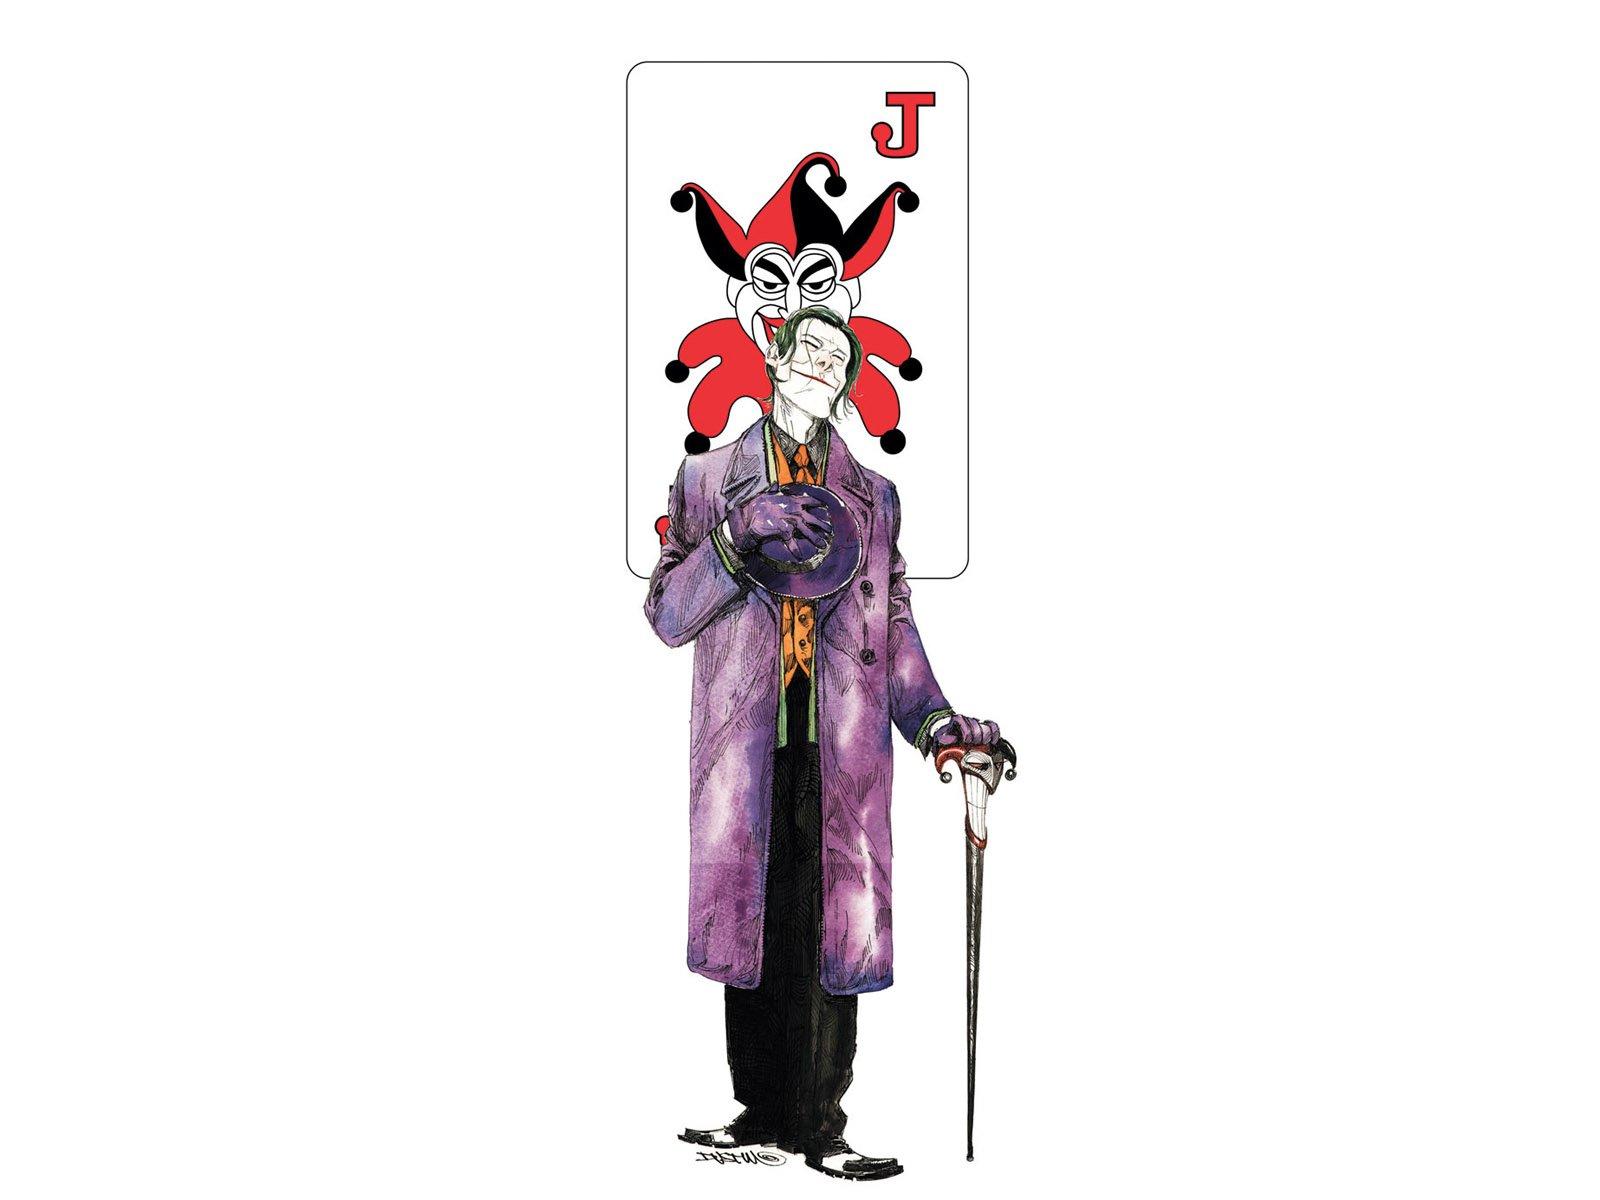 Joker Fondo De Pantalla And Fondo De Escritorio 1600x1200